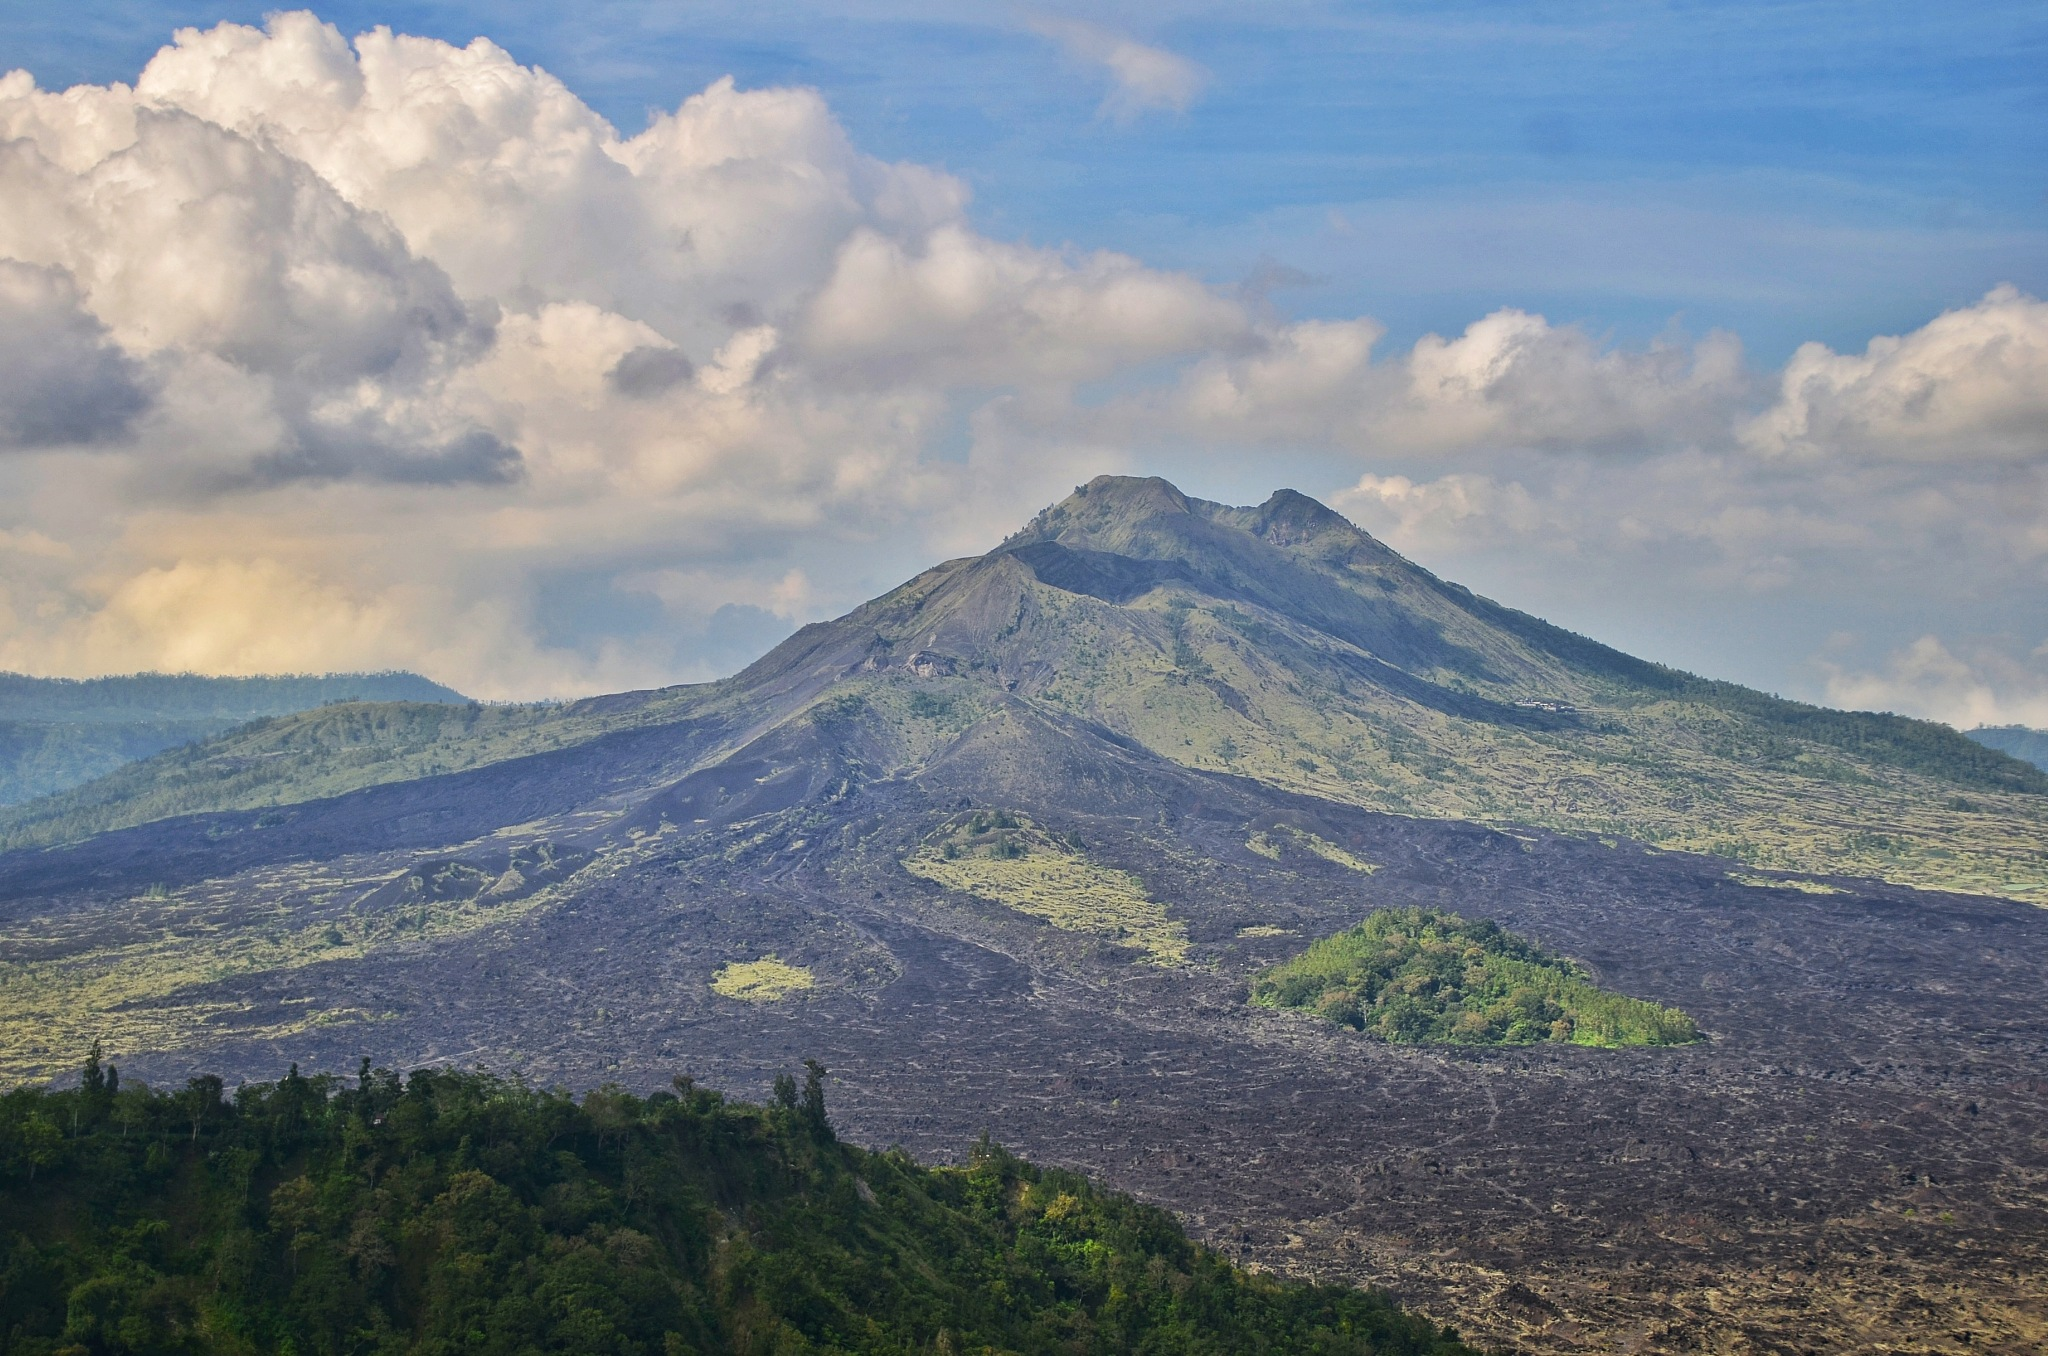 Batur Mount Bali - Indonesia by bambang irawan